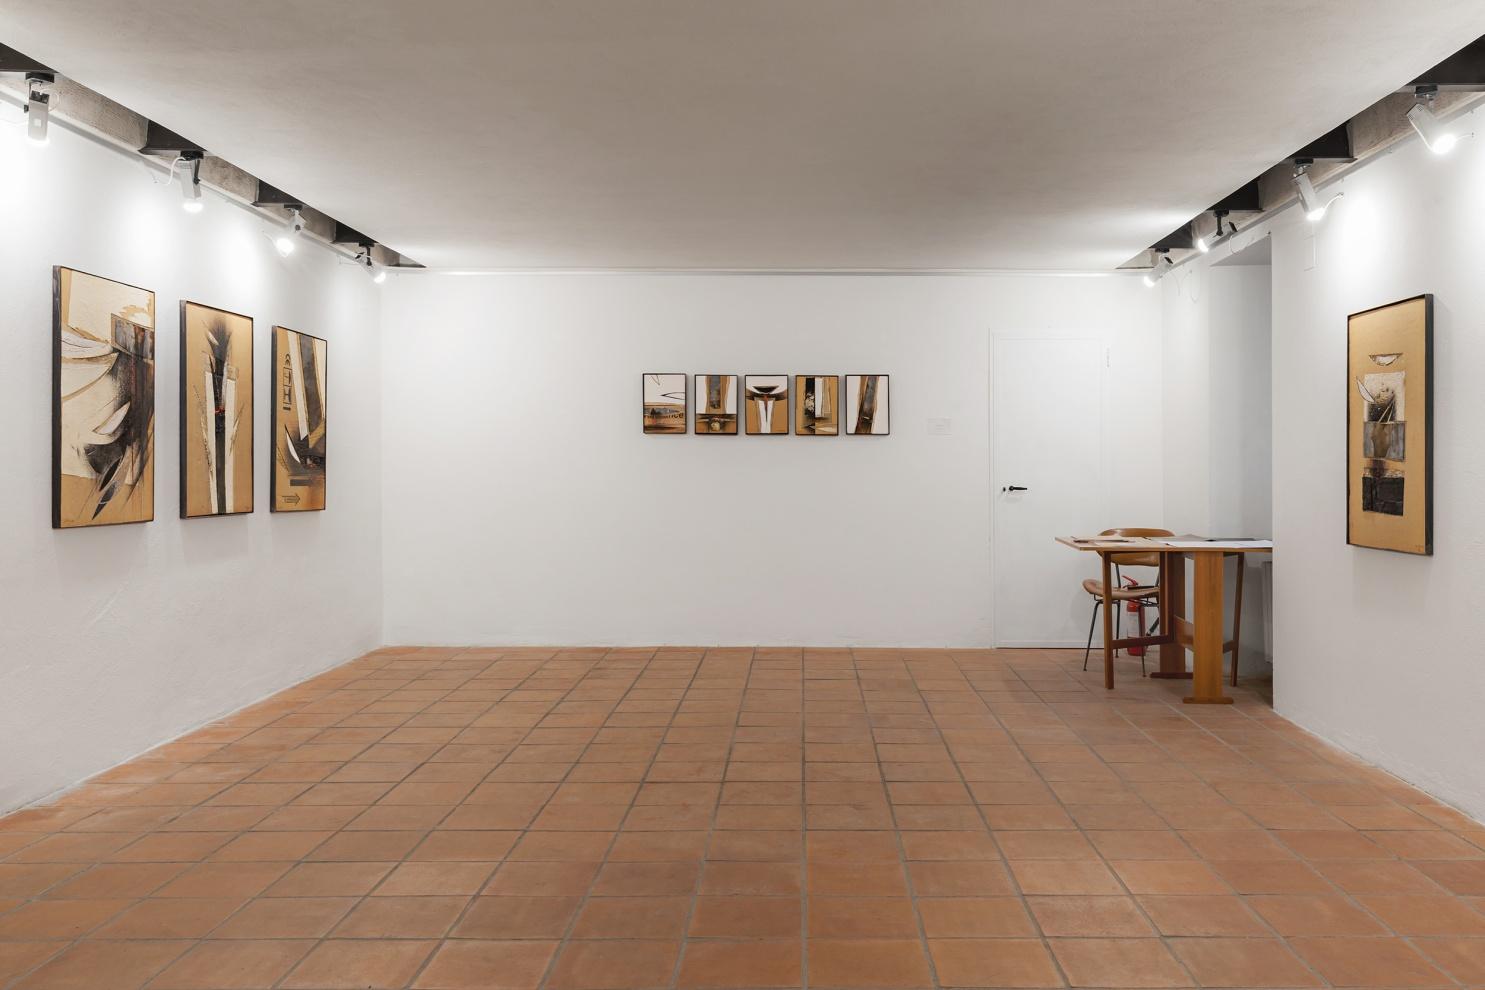 GALLERIA ARTI VISIVE | Ernesto Terlizzi